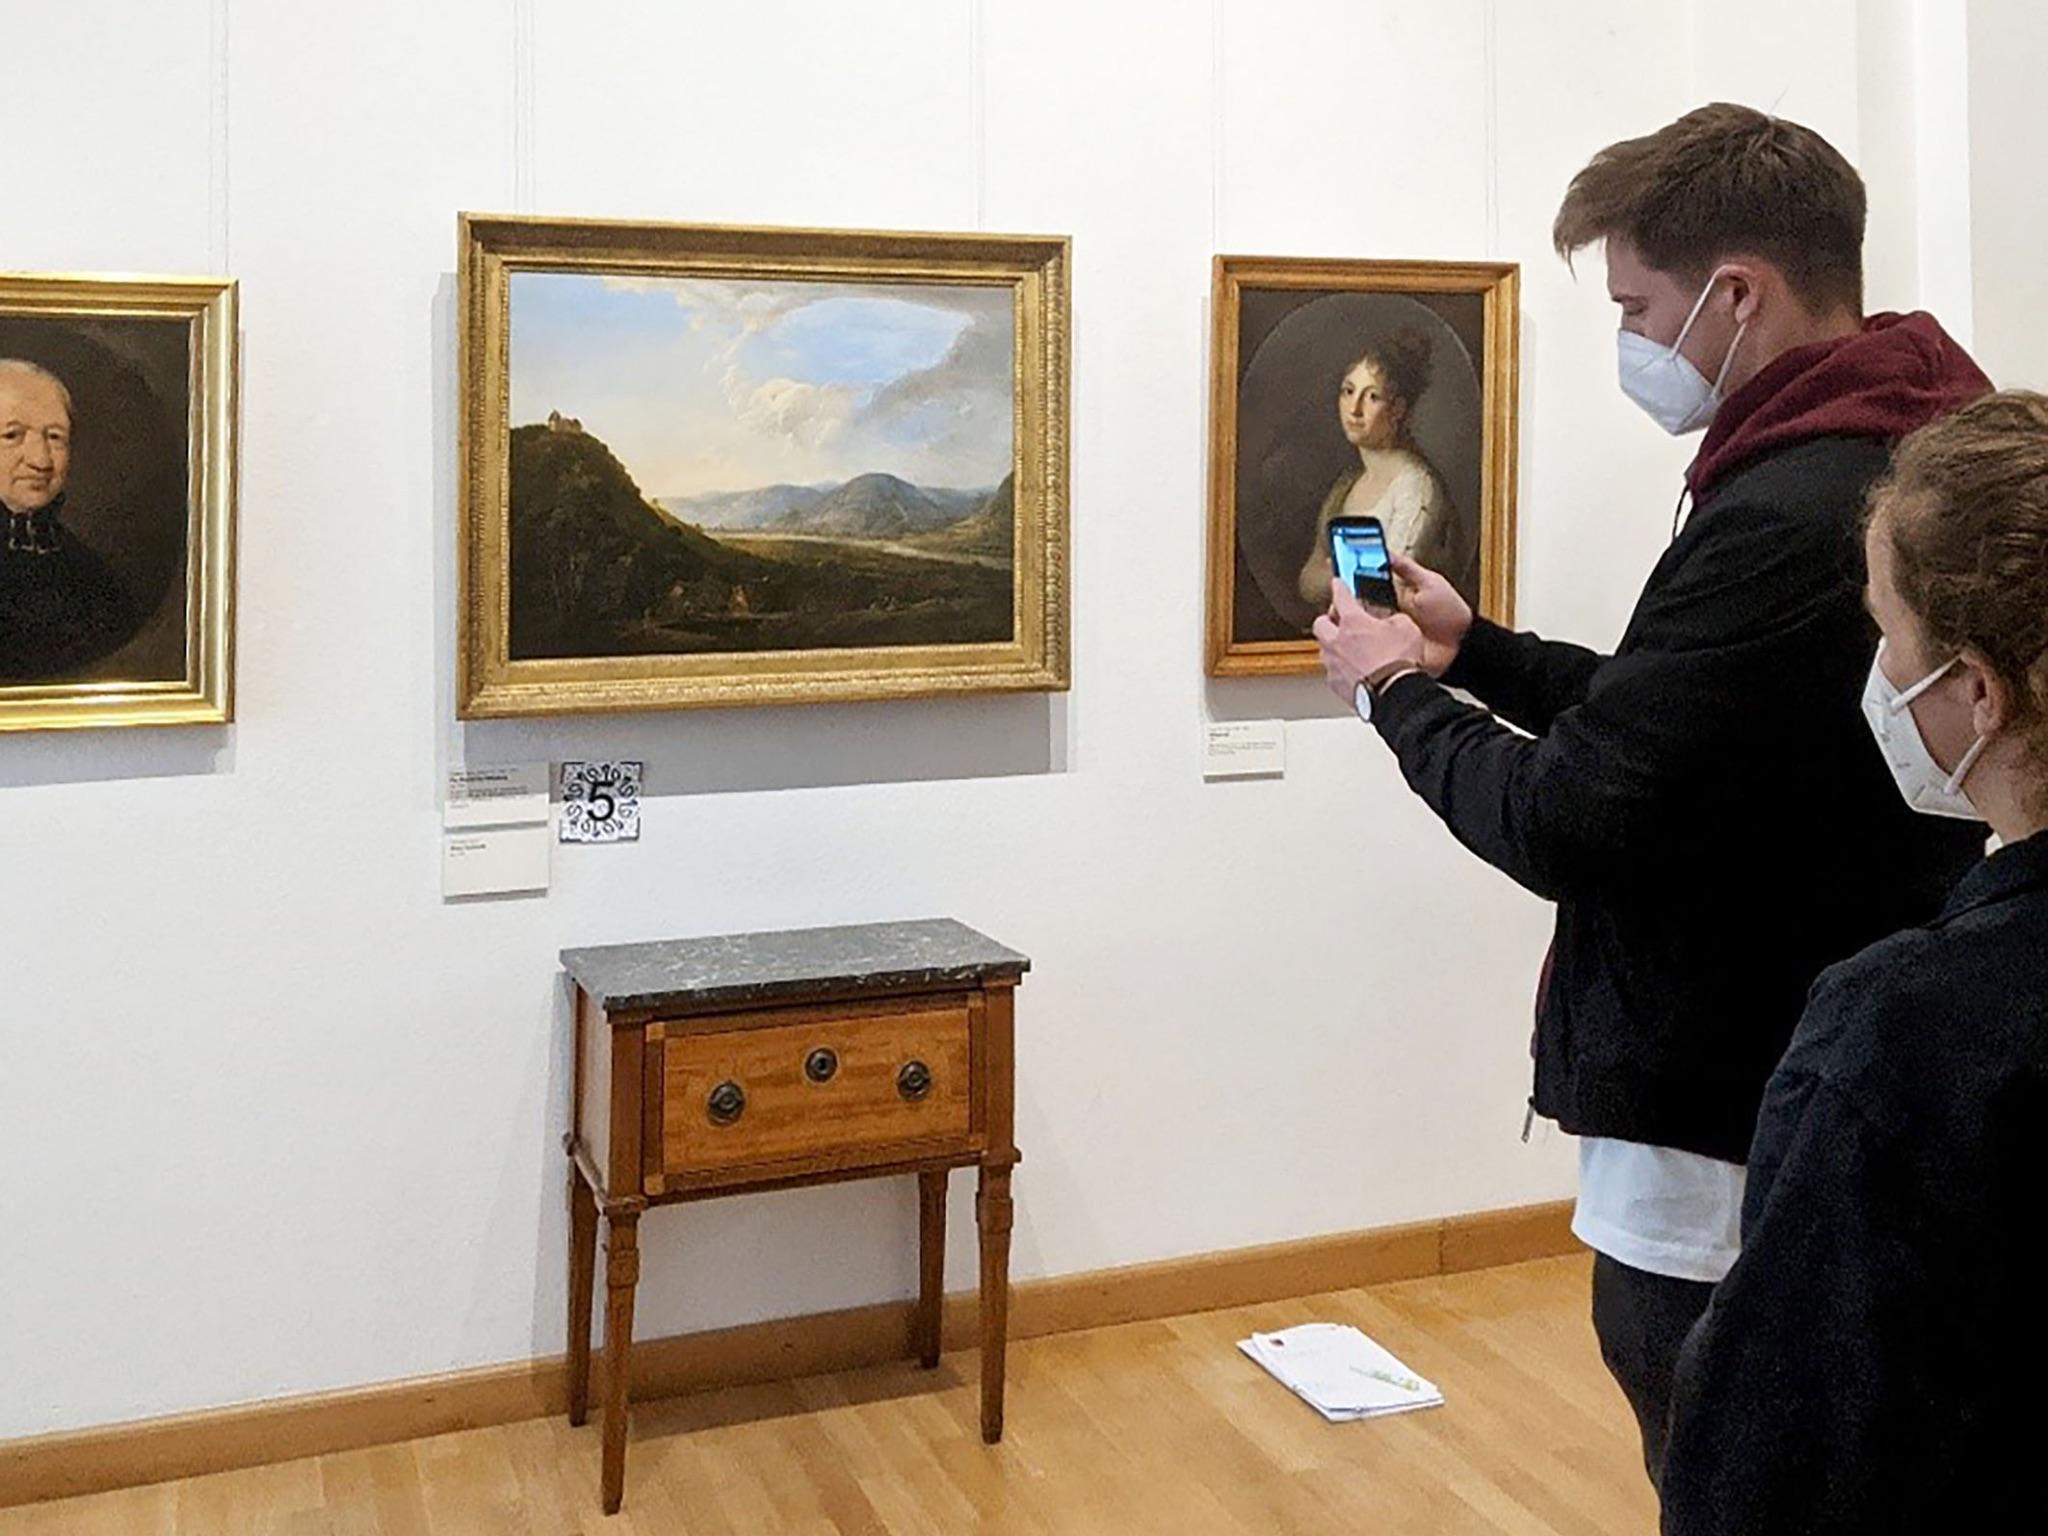 Die AR-App hat Jonas Roth gemeinsam mit der Abteilung Vermittlung und Bildung des Museums für Franken entwickelt. Foto: Stefan Sauer, FHWS